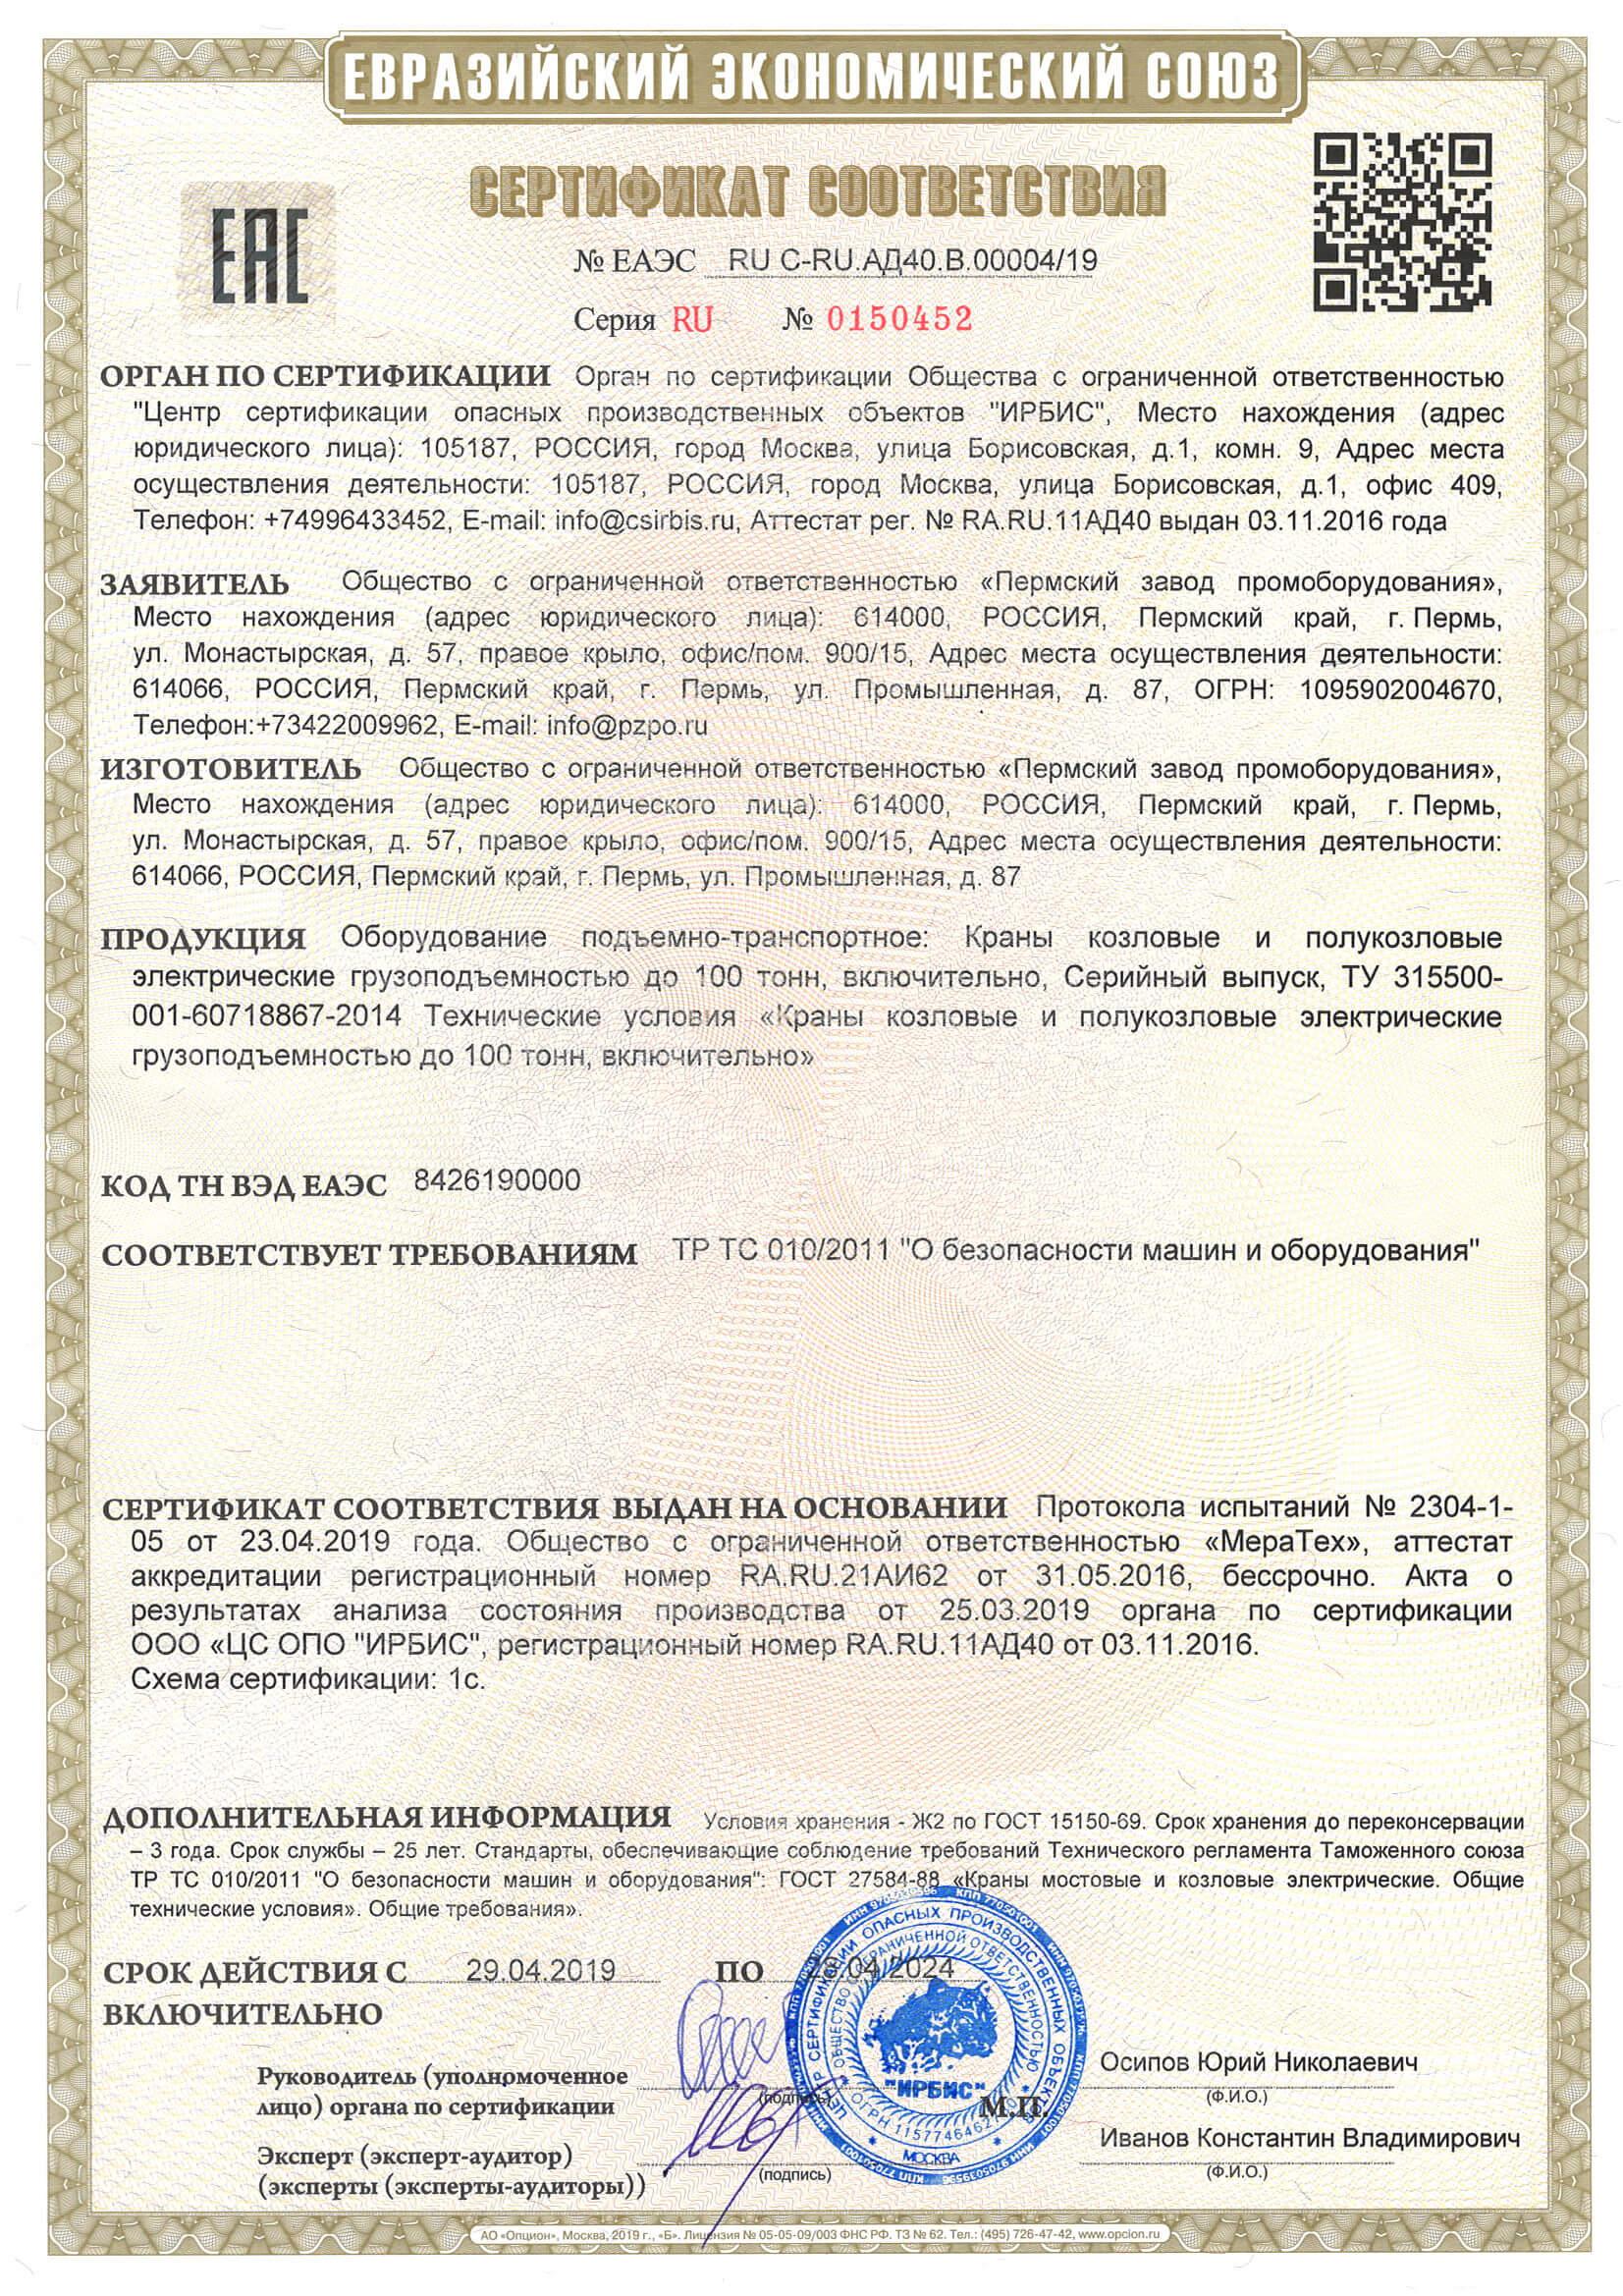 Сертификат соответствия козловых и полукозловых электрических кранов гп до 100 т.